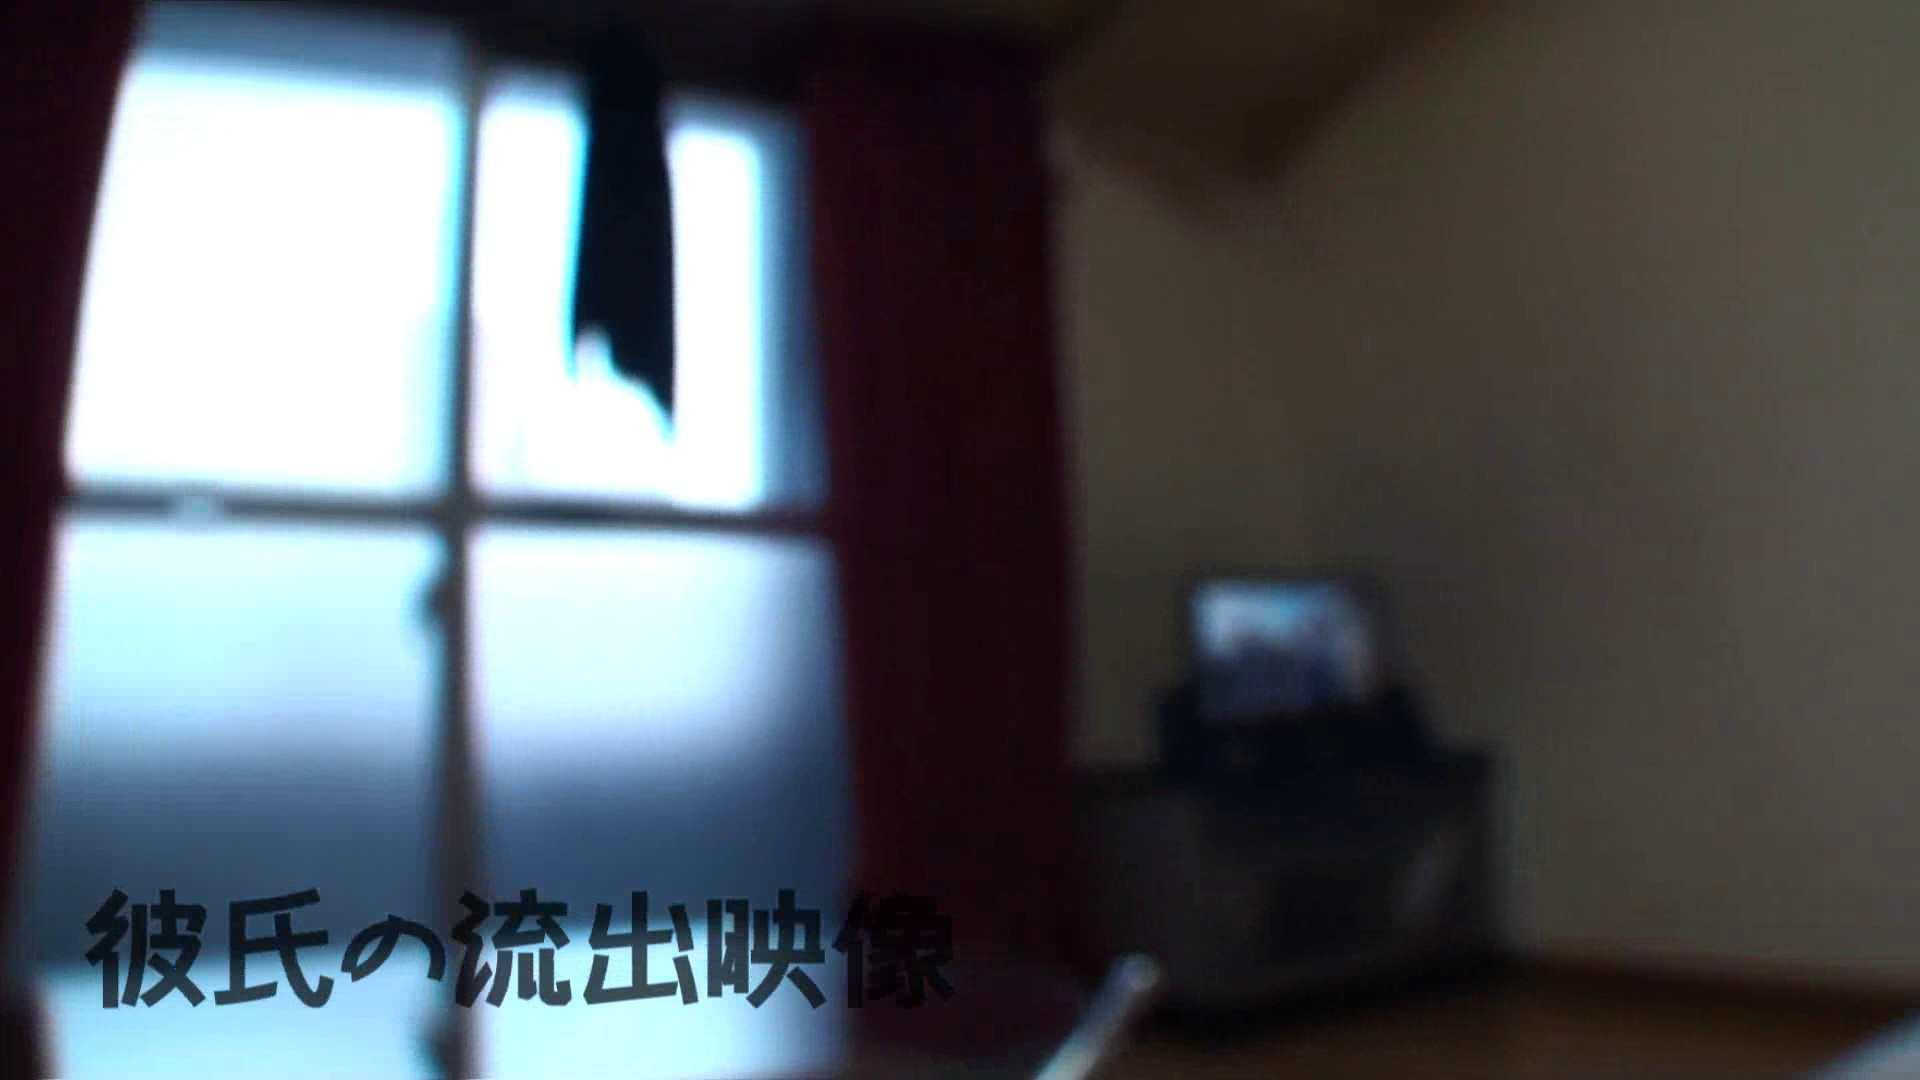 彼氏が流出 パイパン素人嬢のハメ撮り映像04 一般投稿  82連発 17